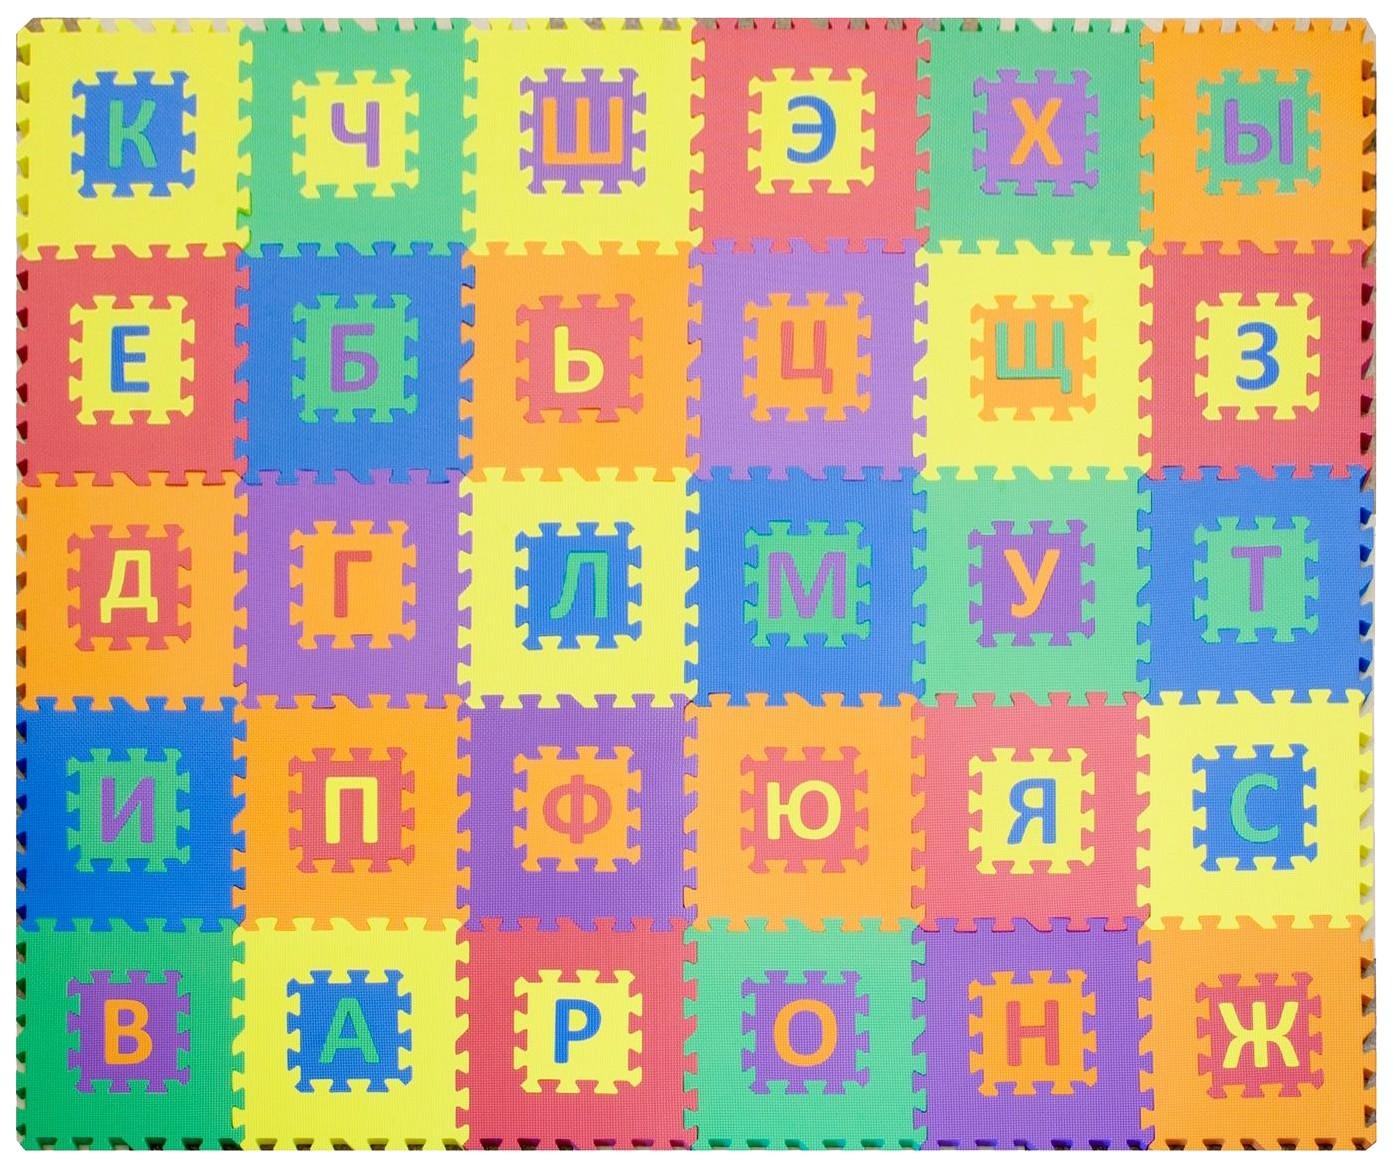 Коврик-пазл с русскими буквами Funkids Алфавит-1, серия NT, толщина 15 мм, 30 плит